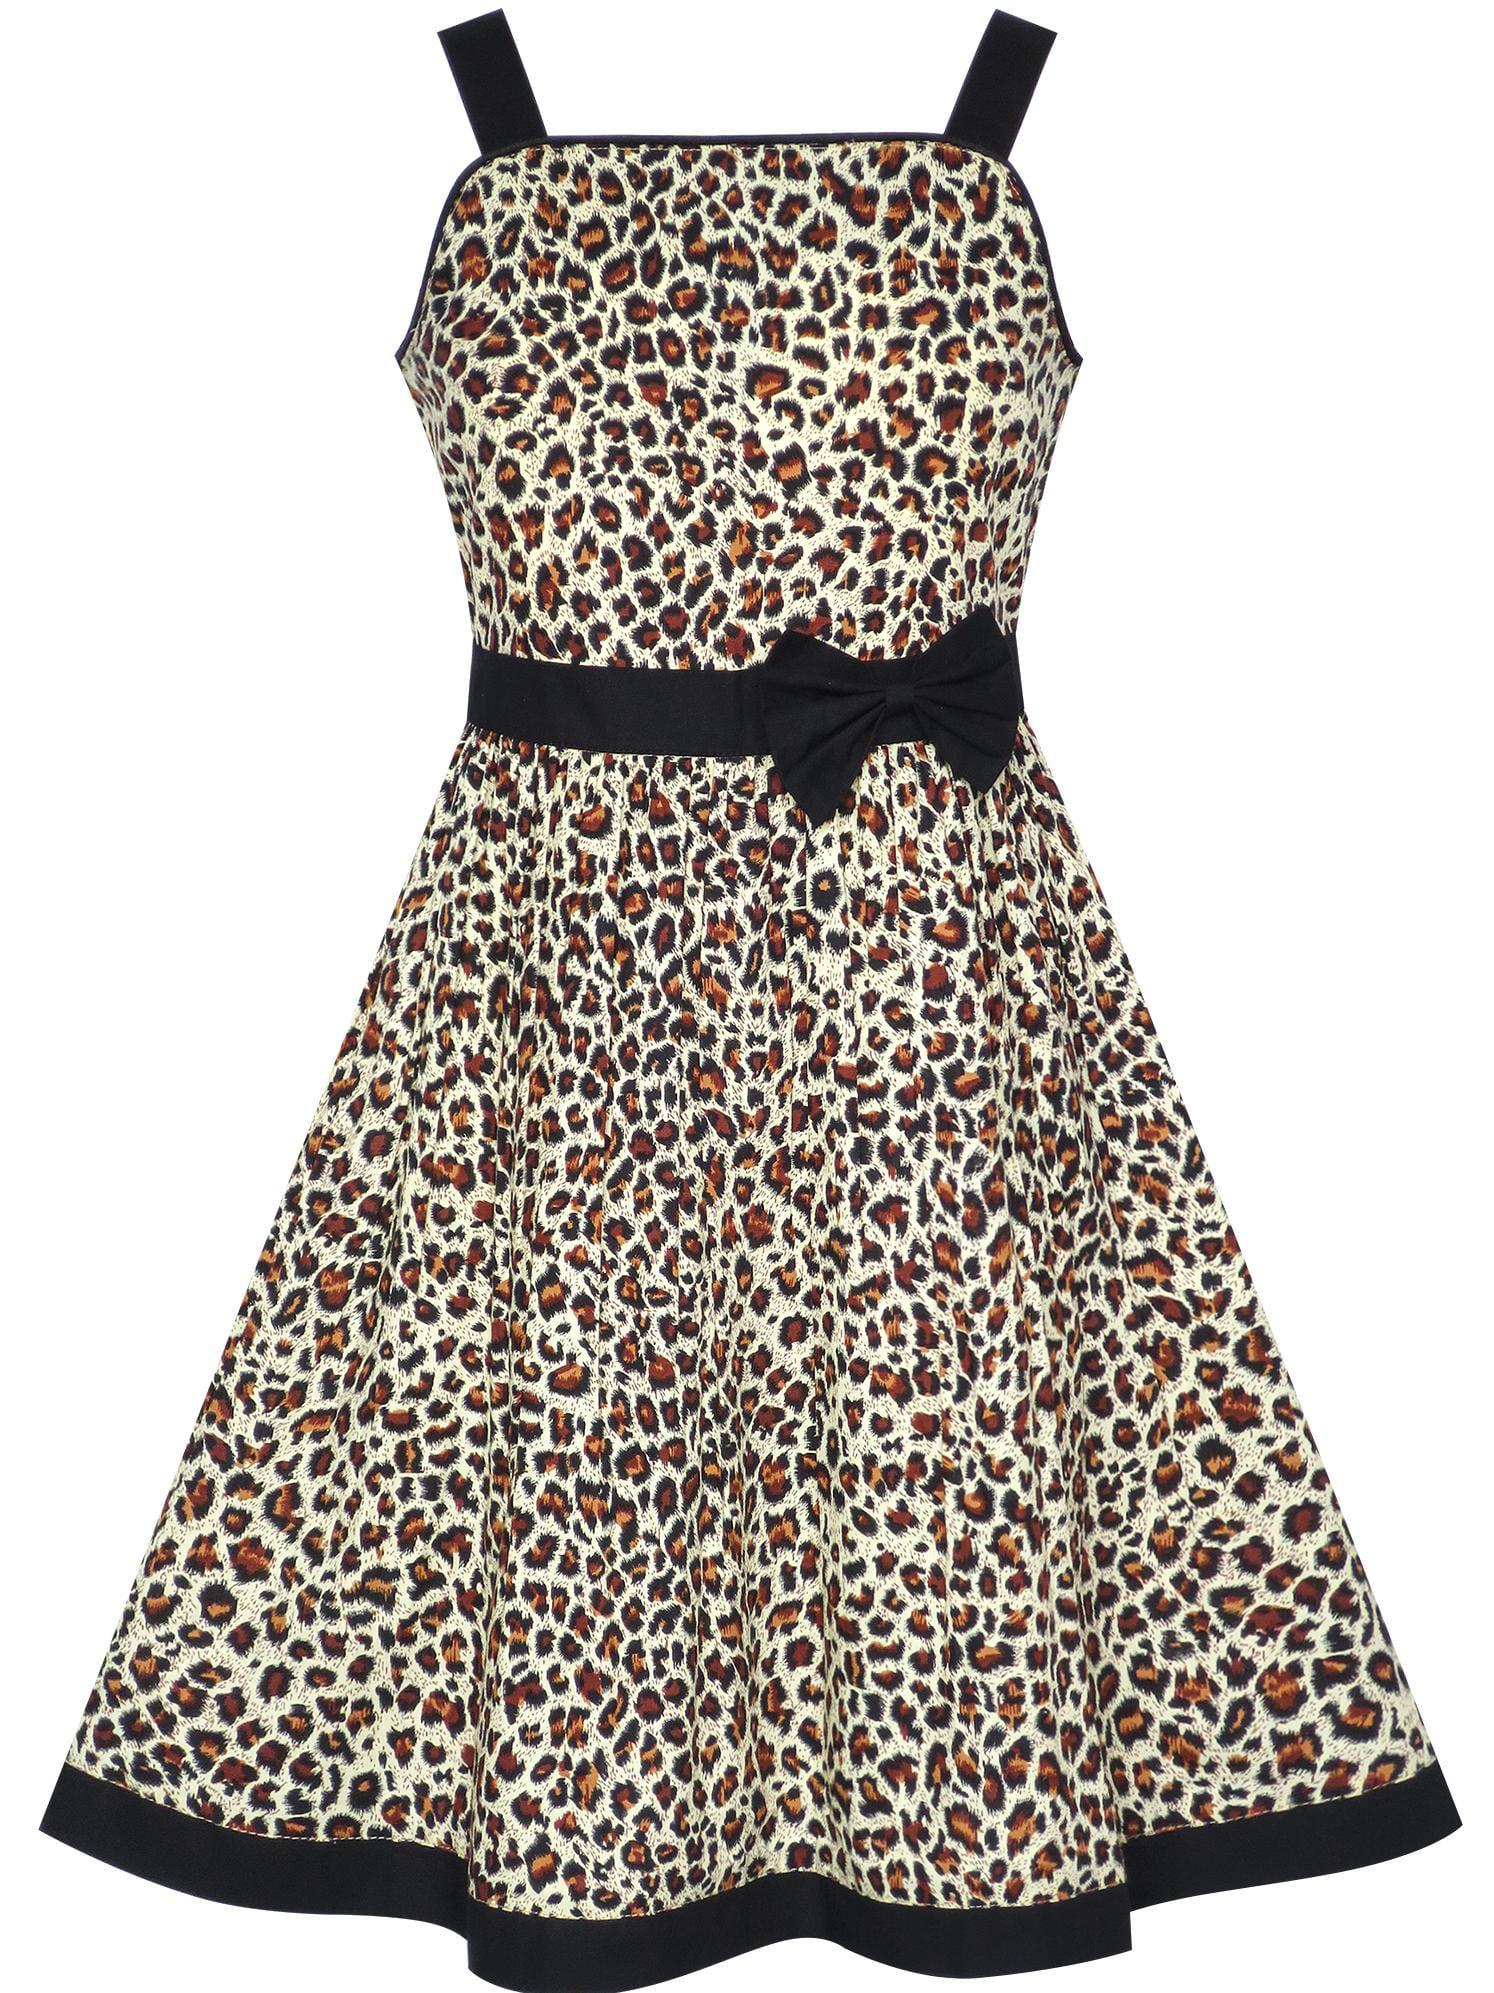 Girls Dress Brown Leopard Print Summer Beach Sundress 7-8